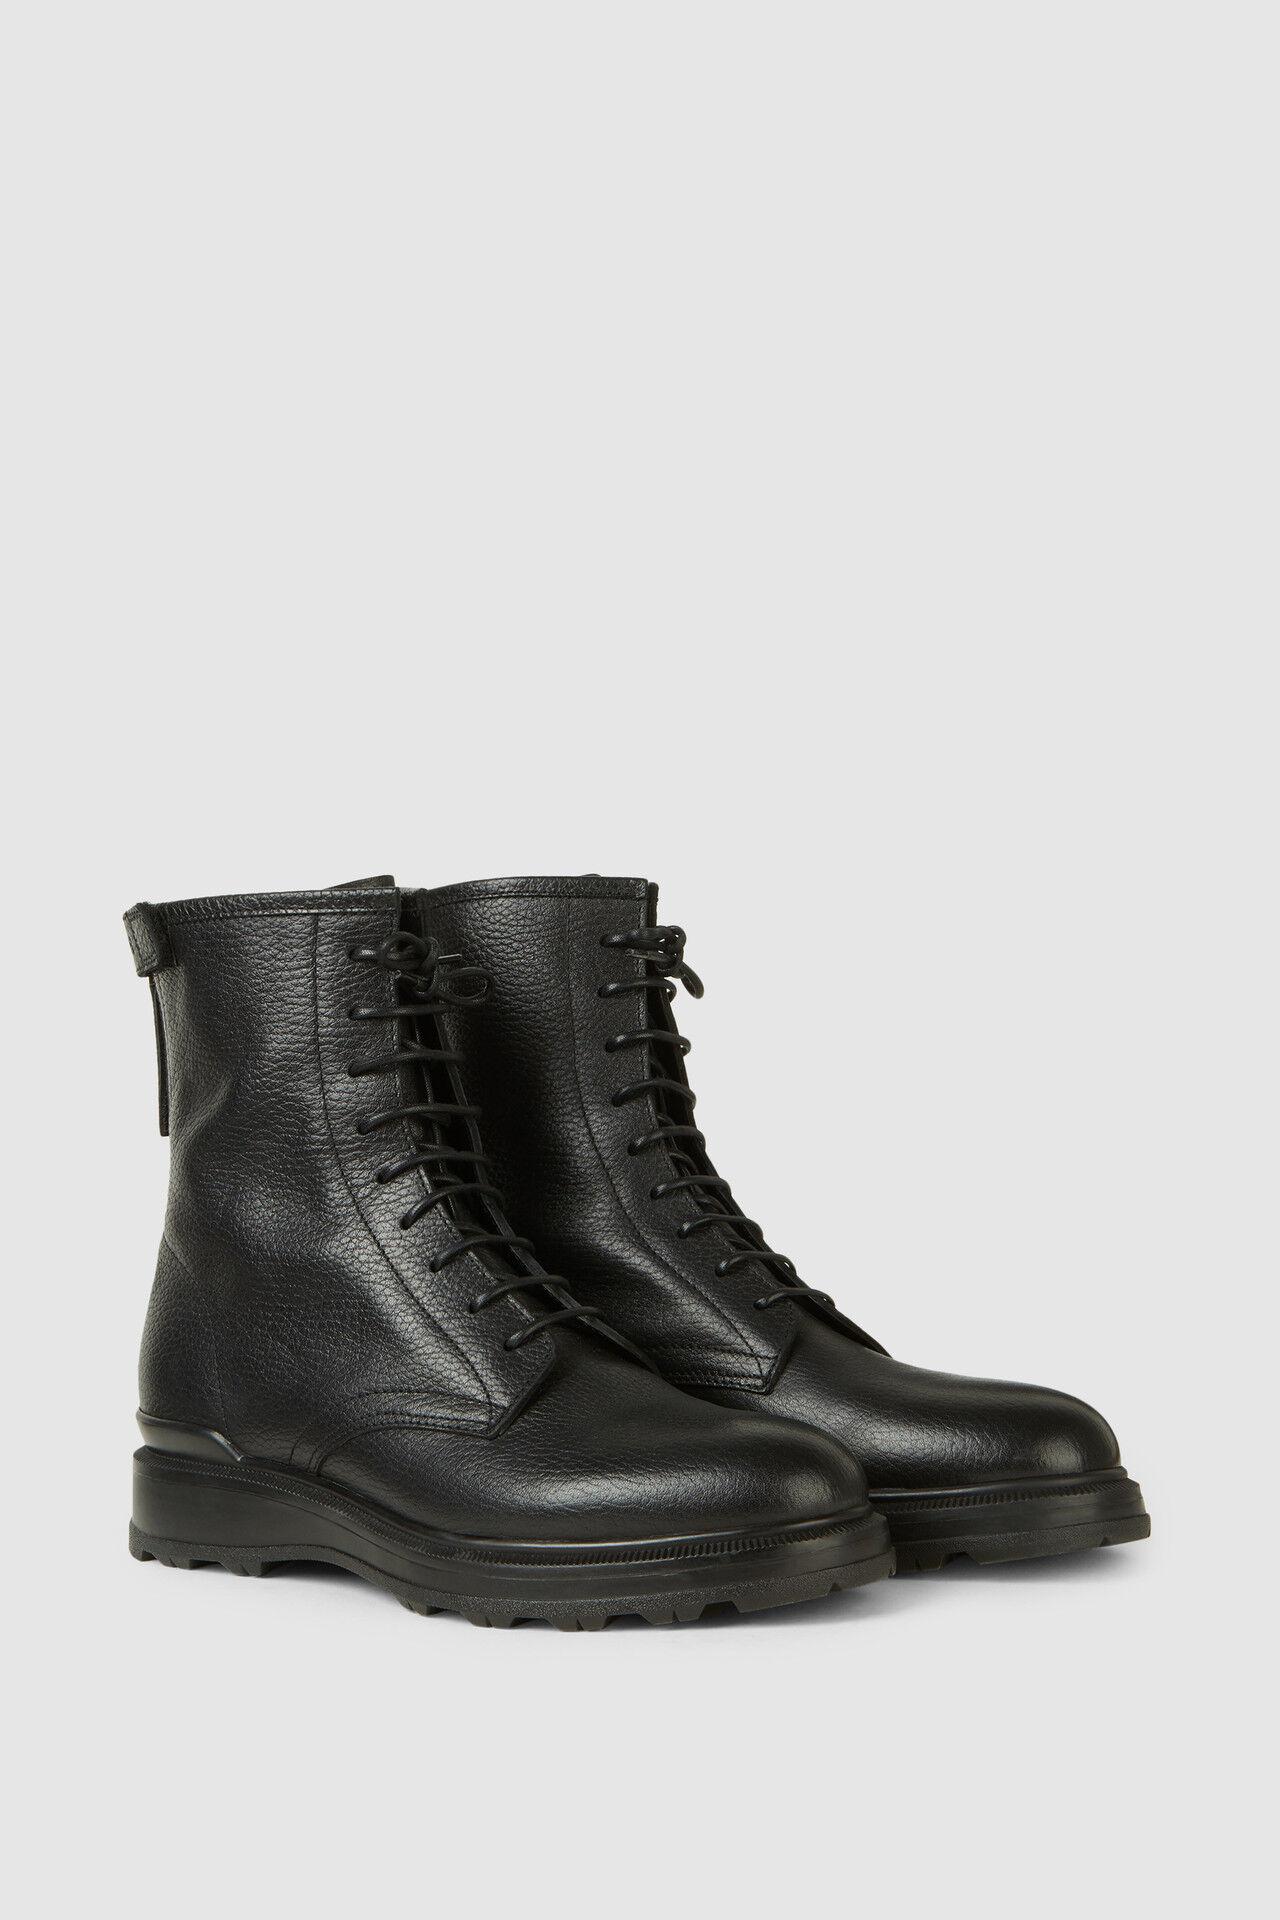 Work boot - Woolrich